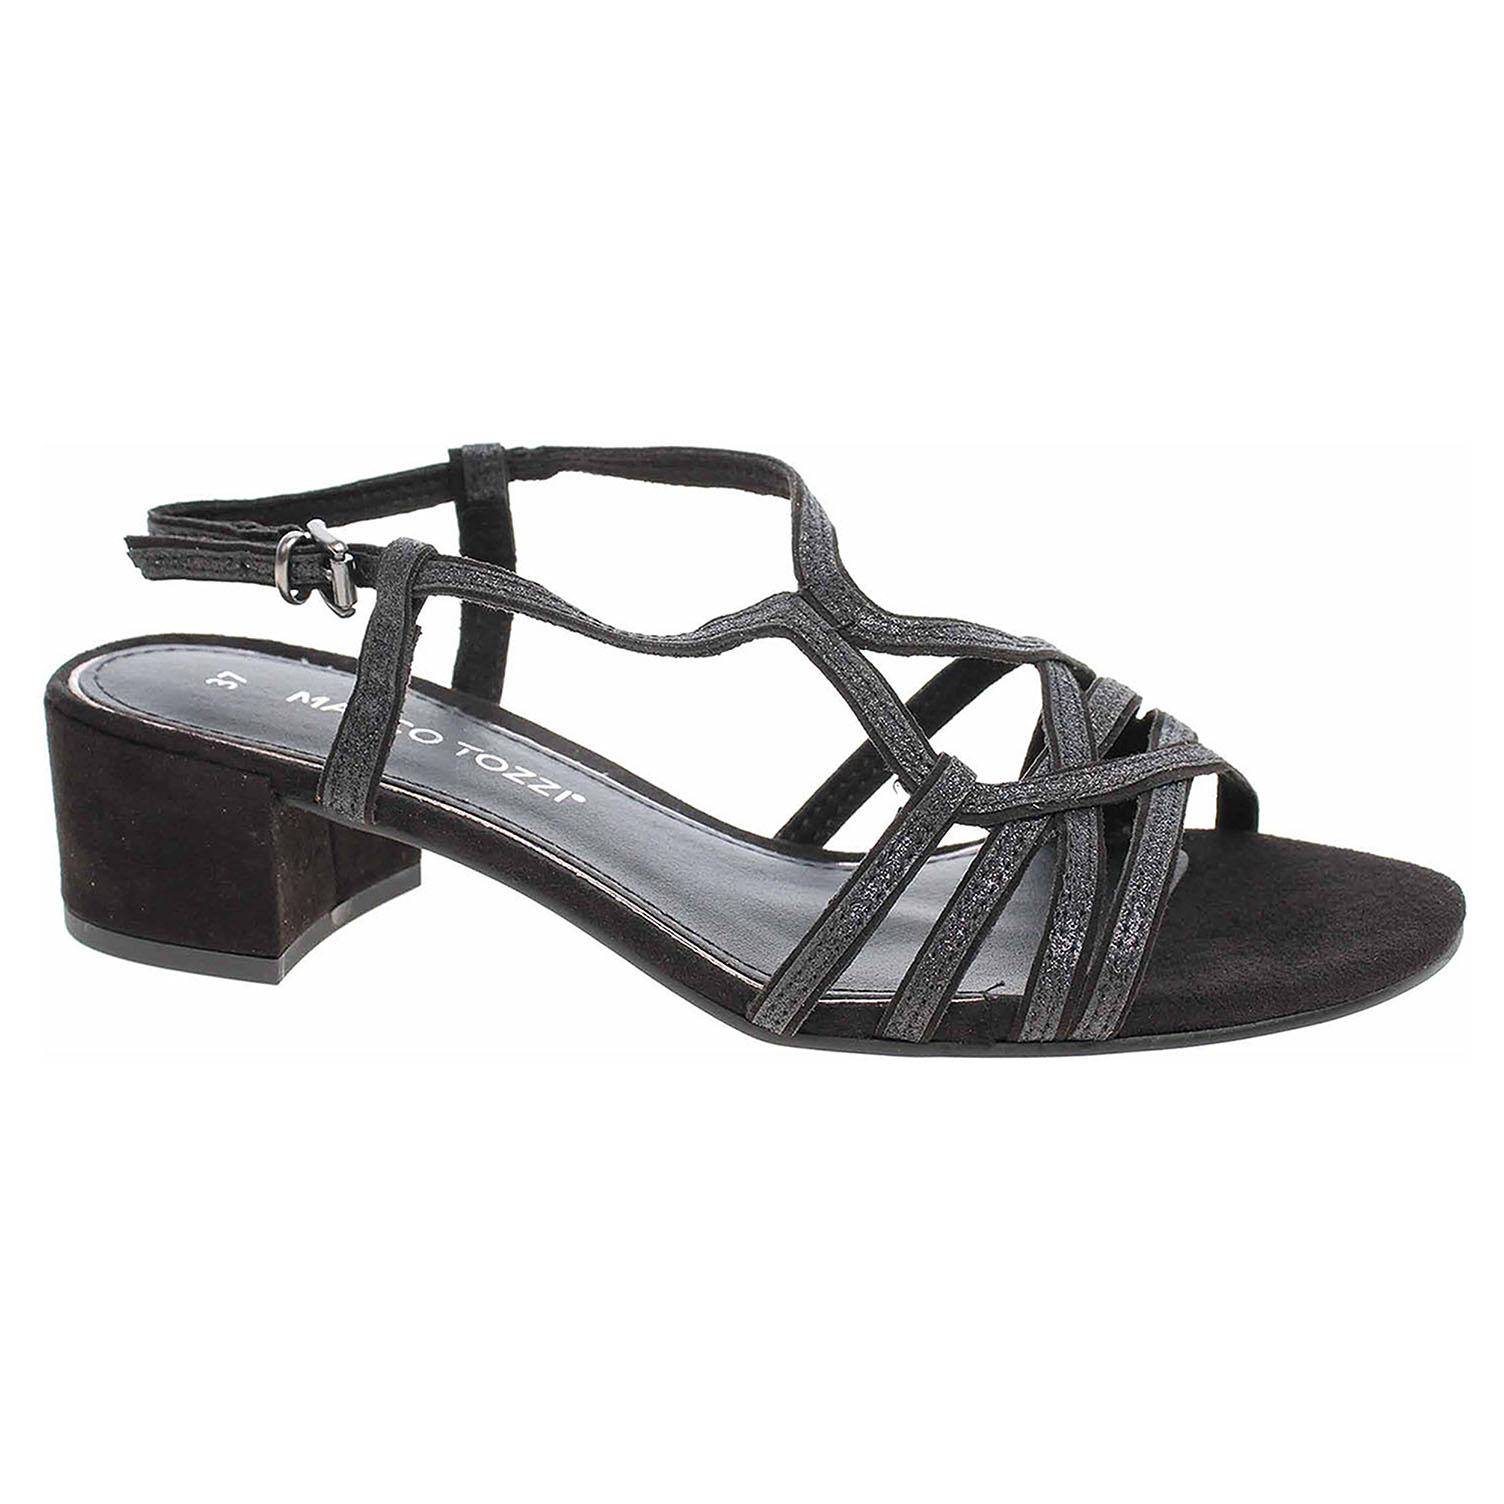 Dámská společenská obuv Marco Tozzi 2-28201-22 black comb 2-2-28201-22 098 39